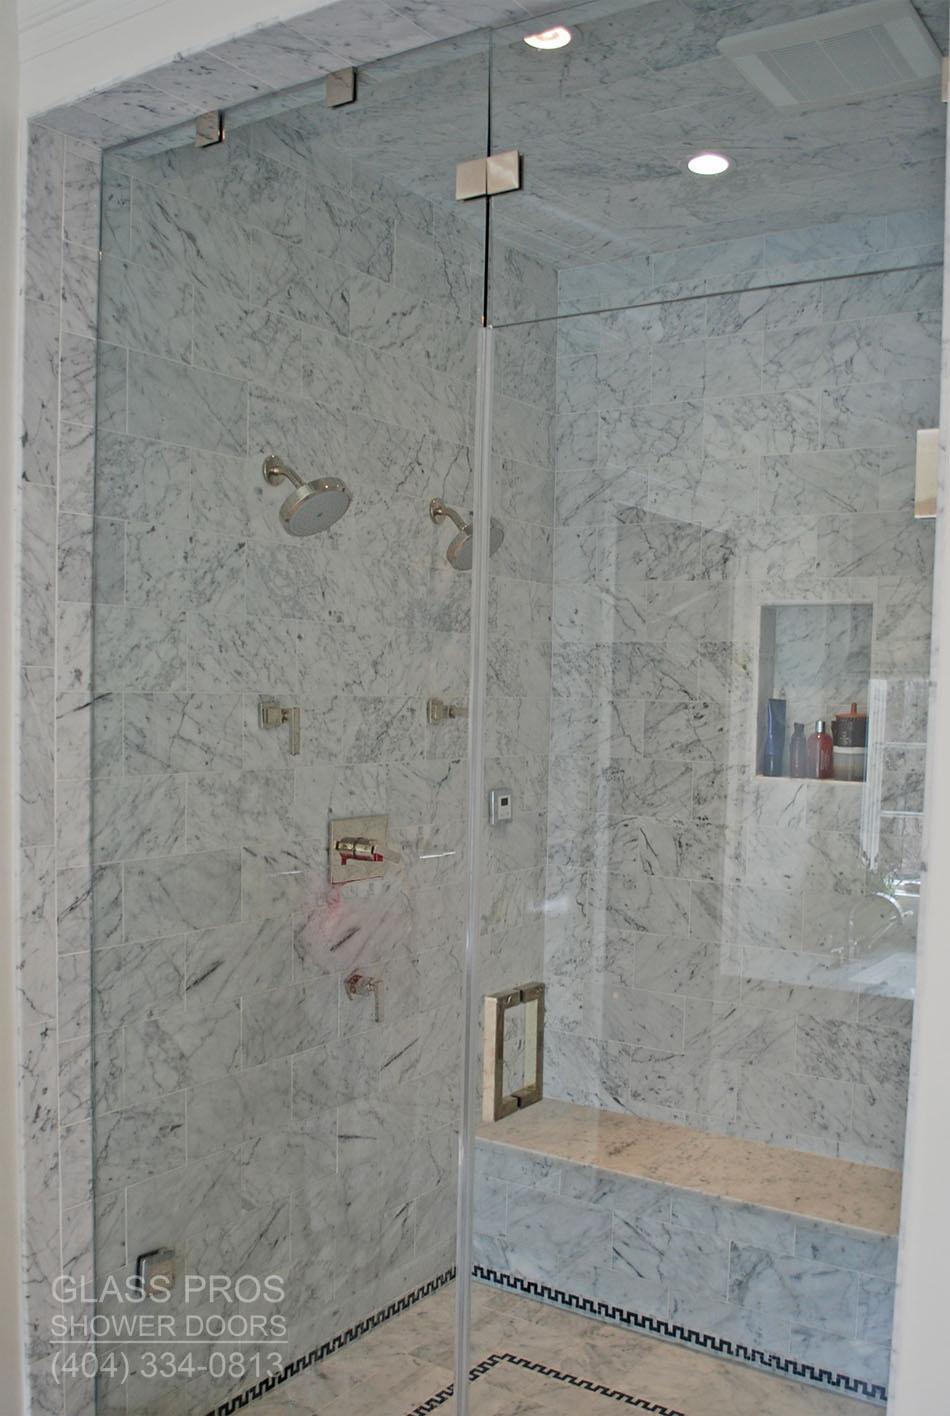 Glass Pros of Cumming Frameless and SemiFramed Shower Doors